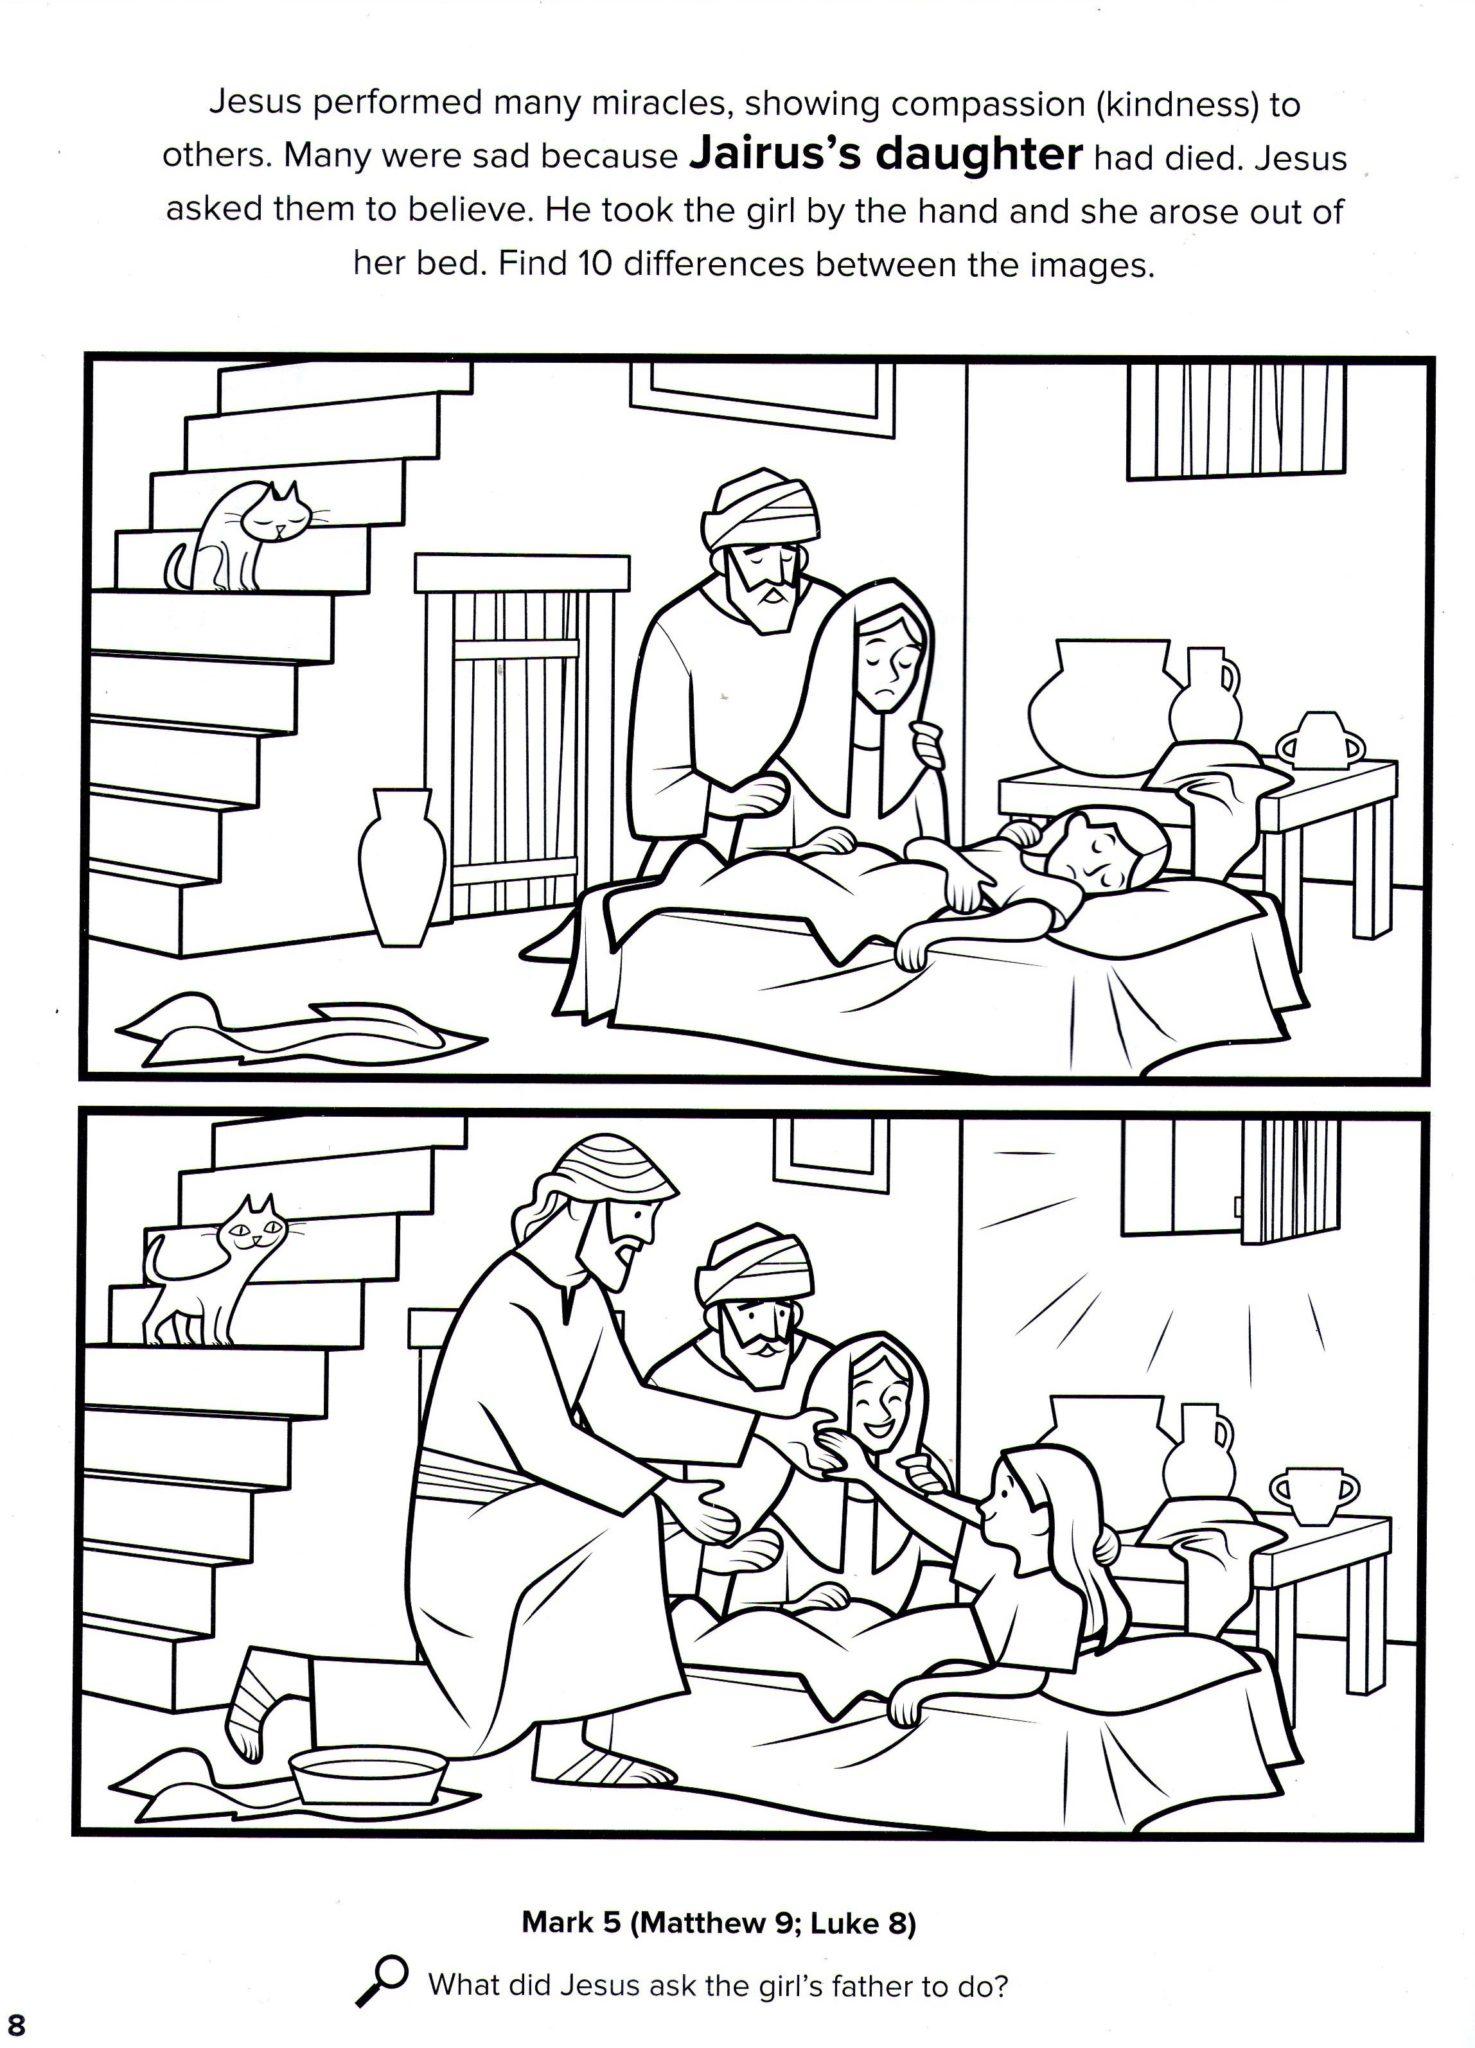 La hija de Jairo (Marcos 5:22–23, 35–43)